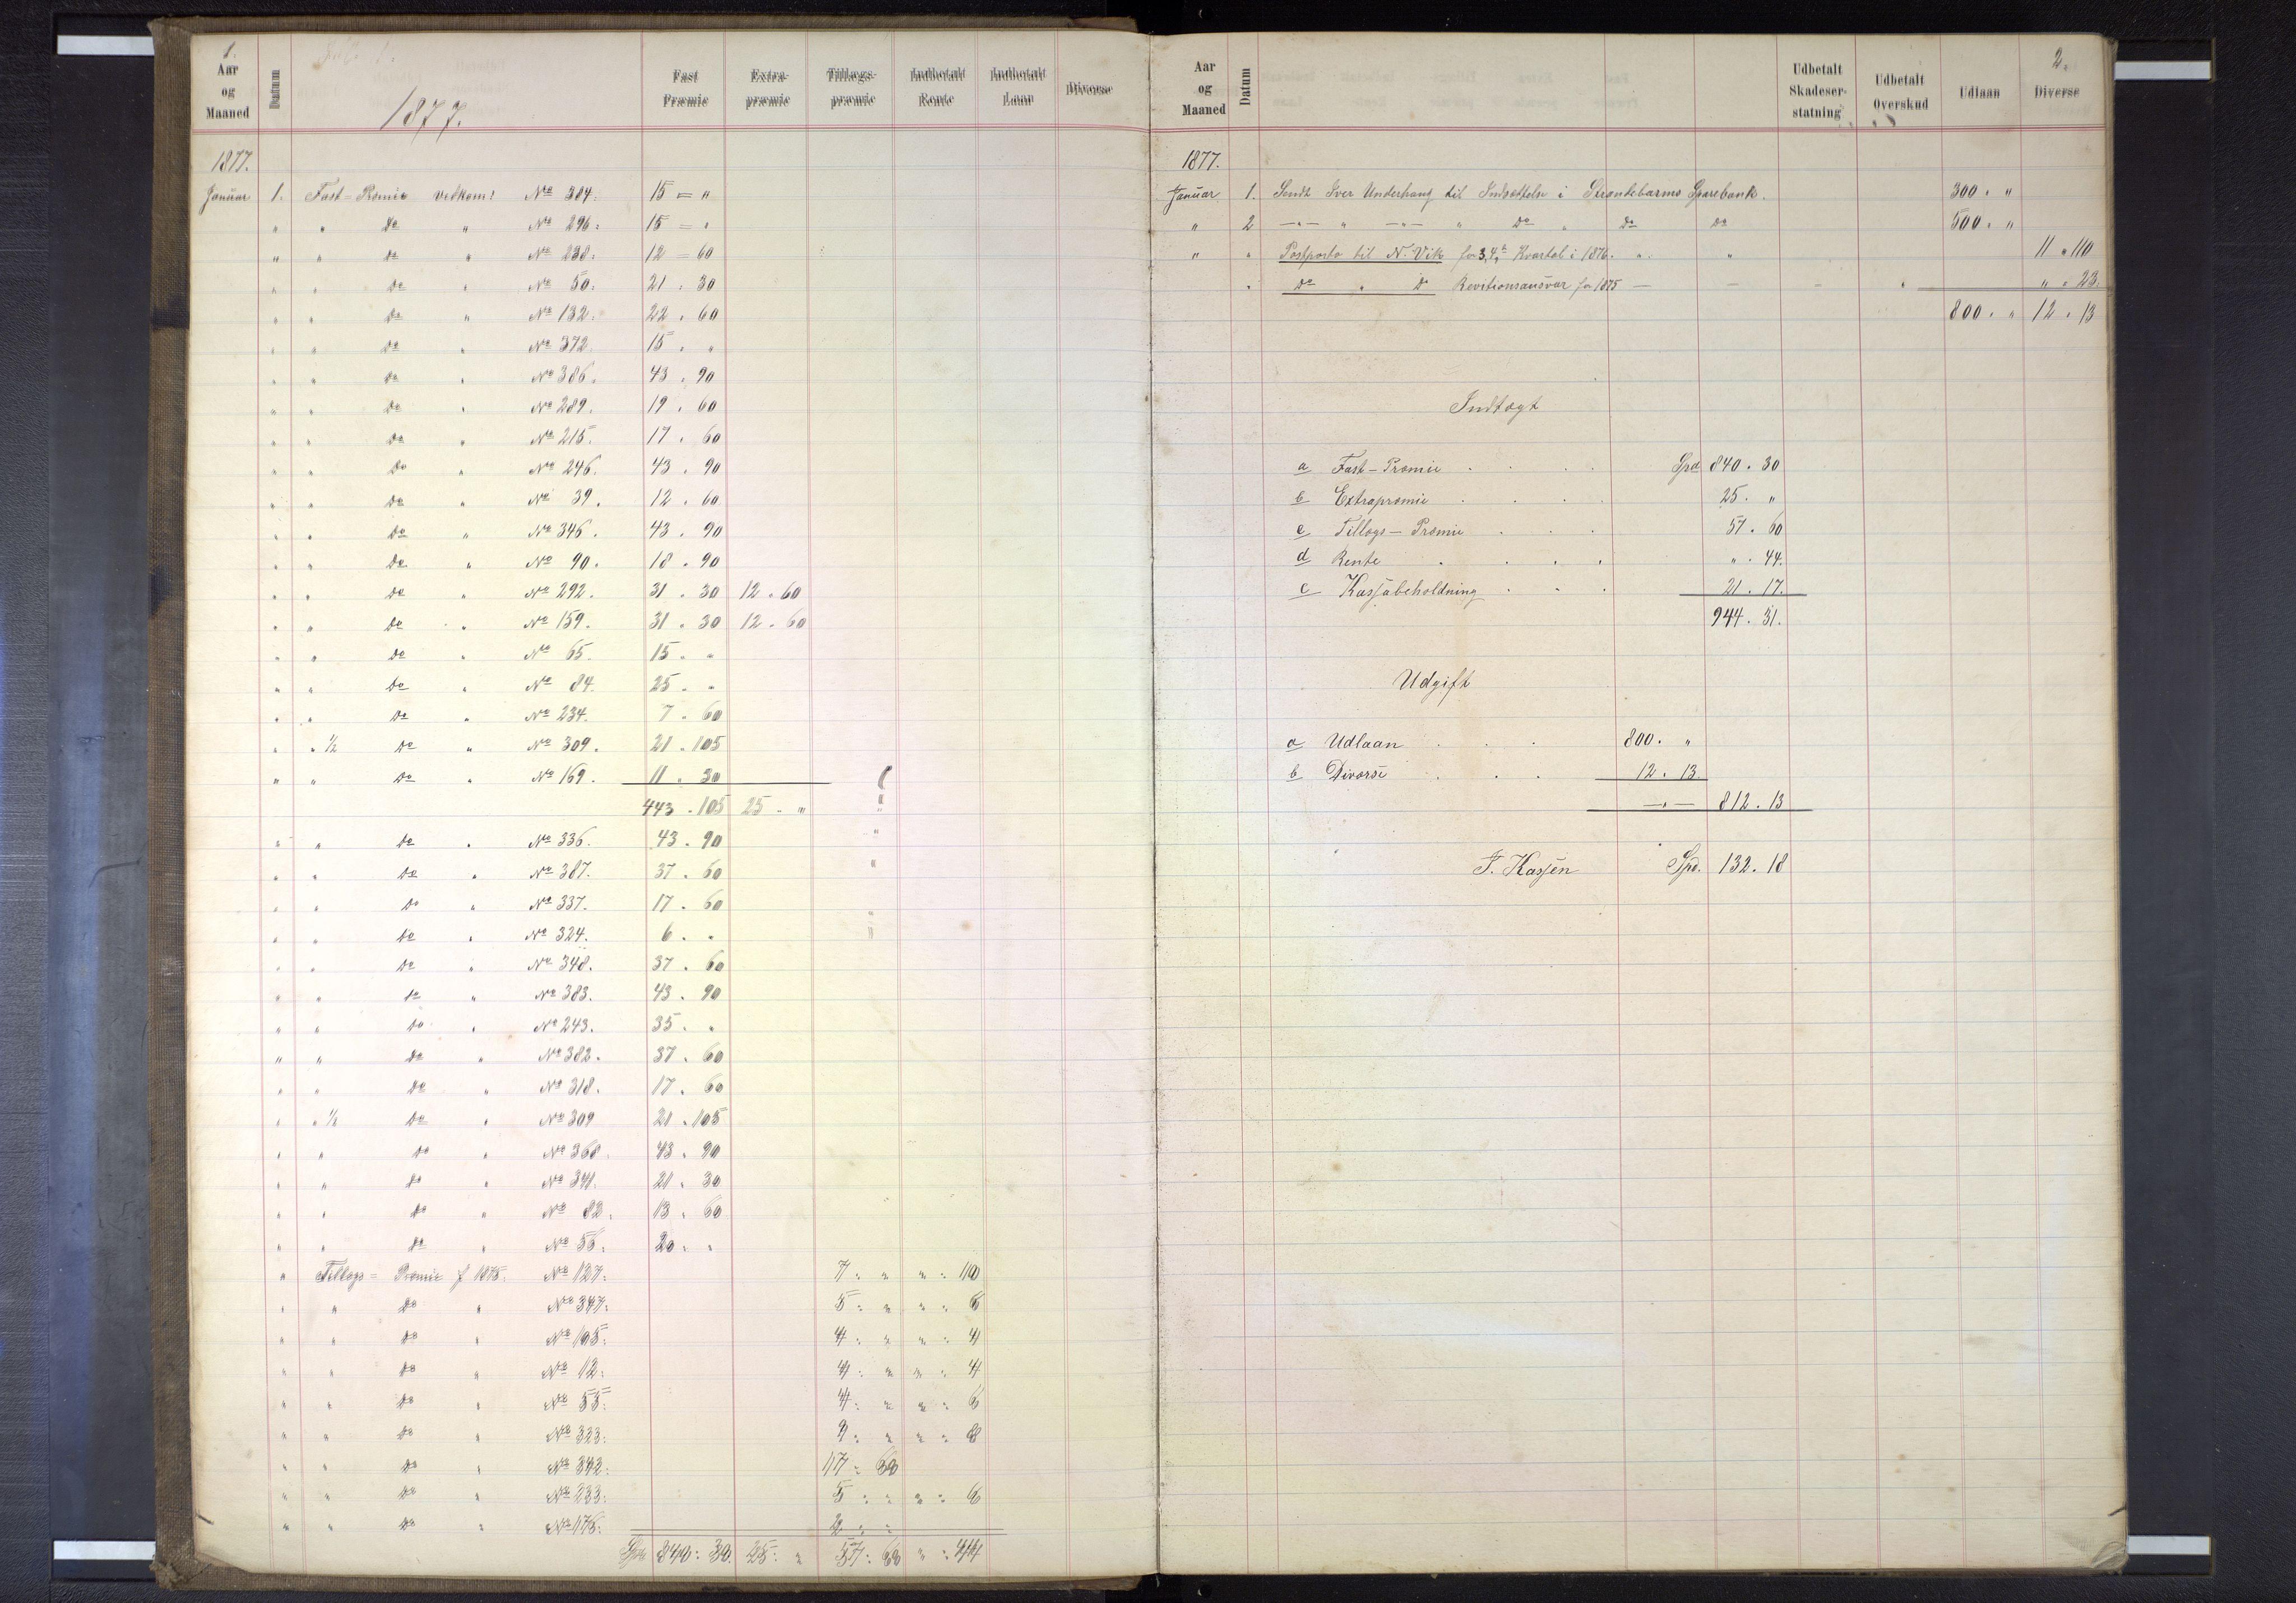 SAB, Jondal Skipsassuranseforening, E/L0023: Kassadagbok, hjelpekasse med restanser, 1877-1917